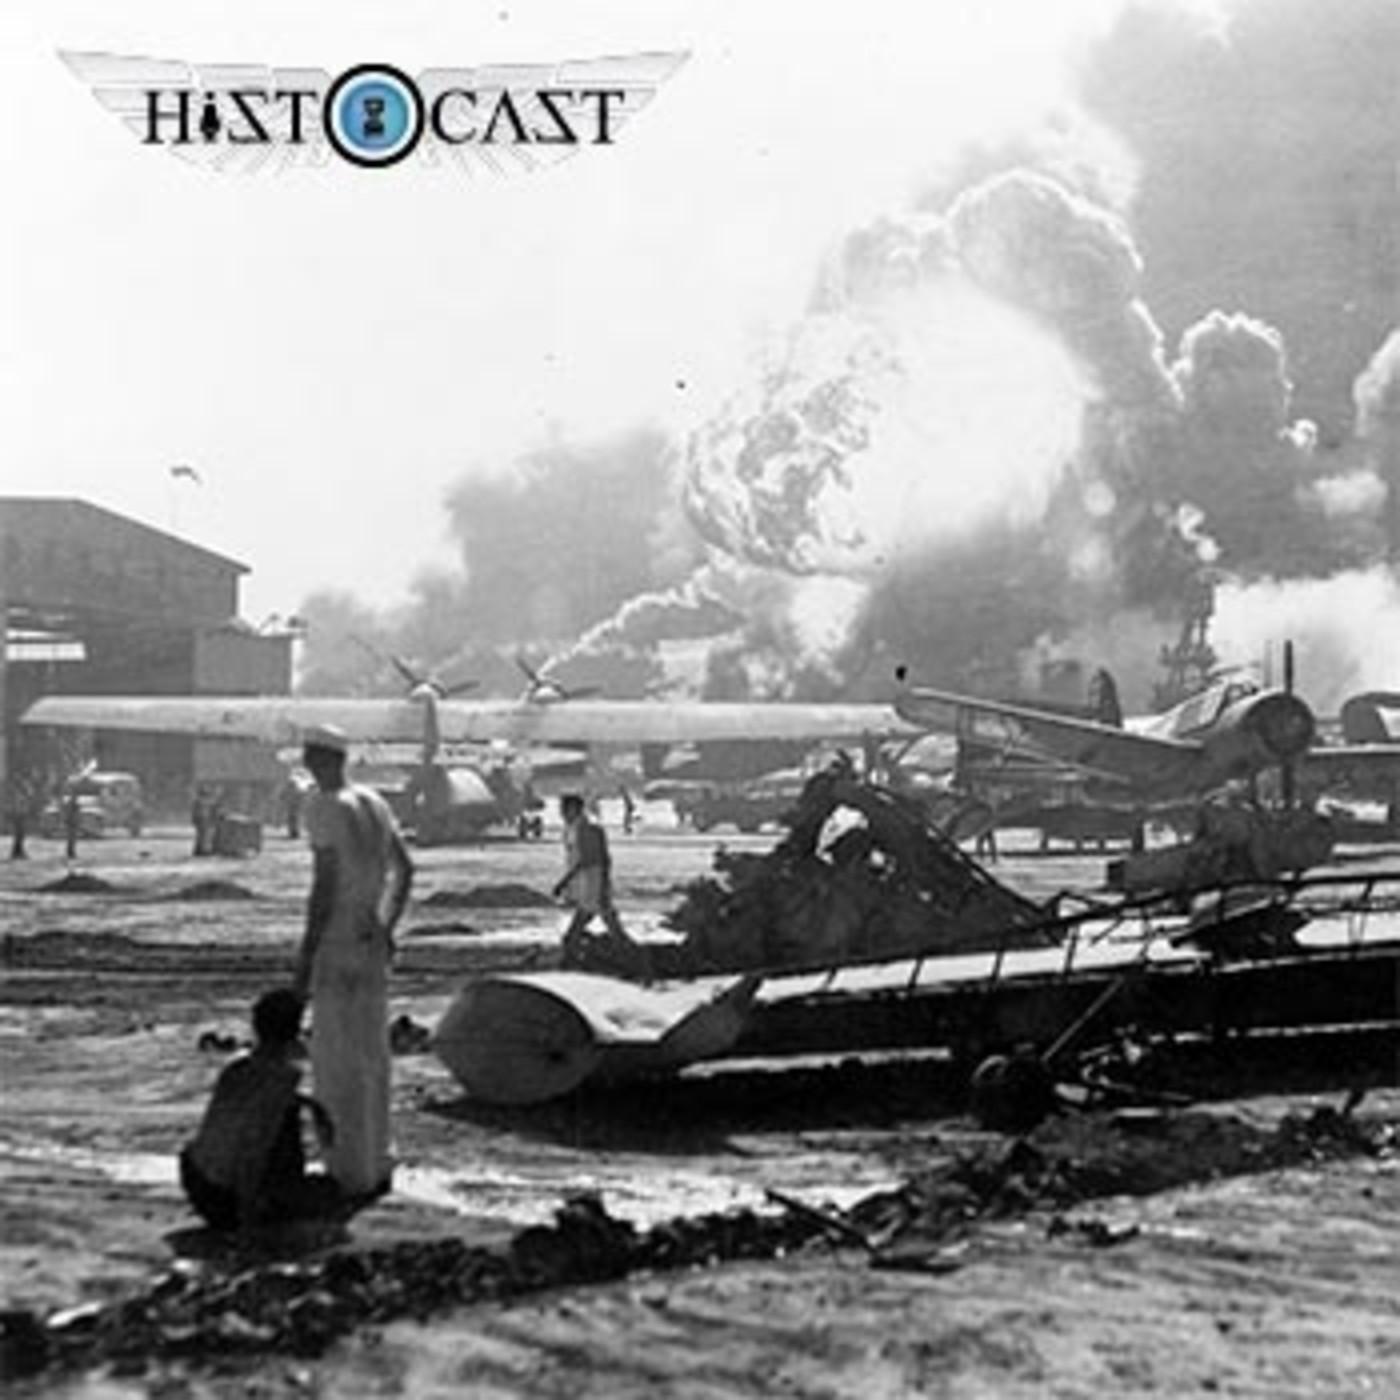 HistoCast 159 - Polémicas del ataque a Pearl Harbor